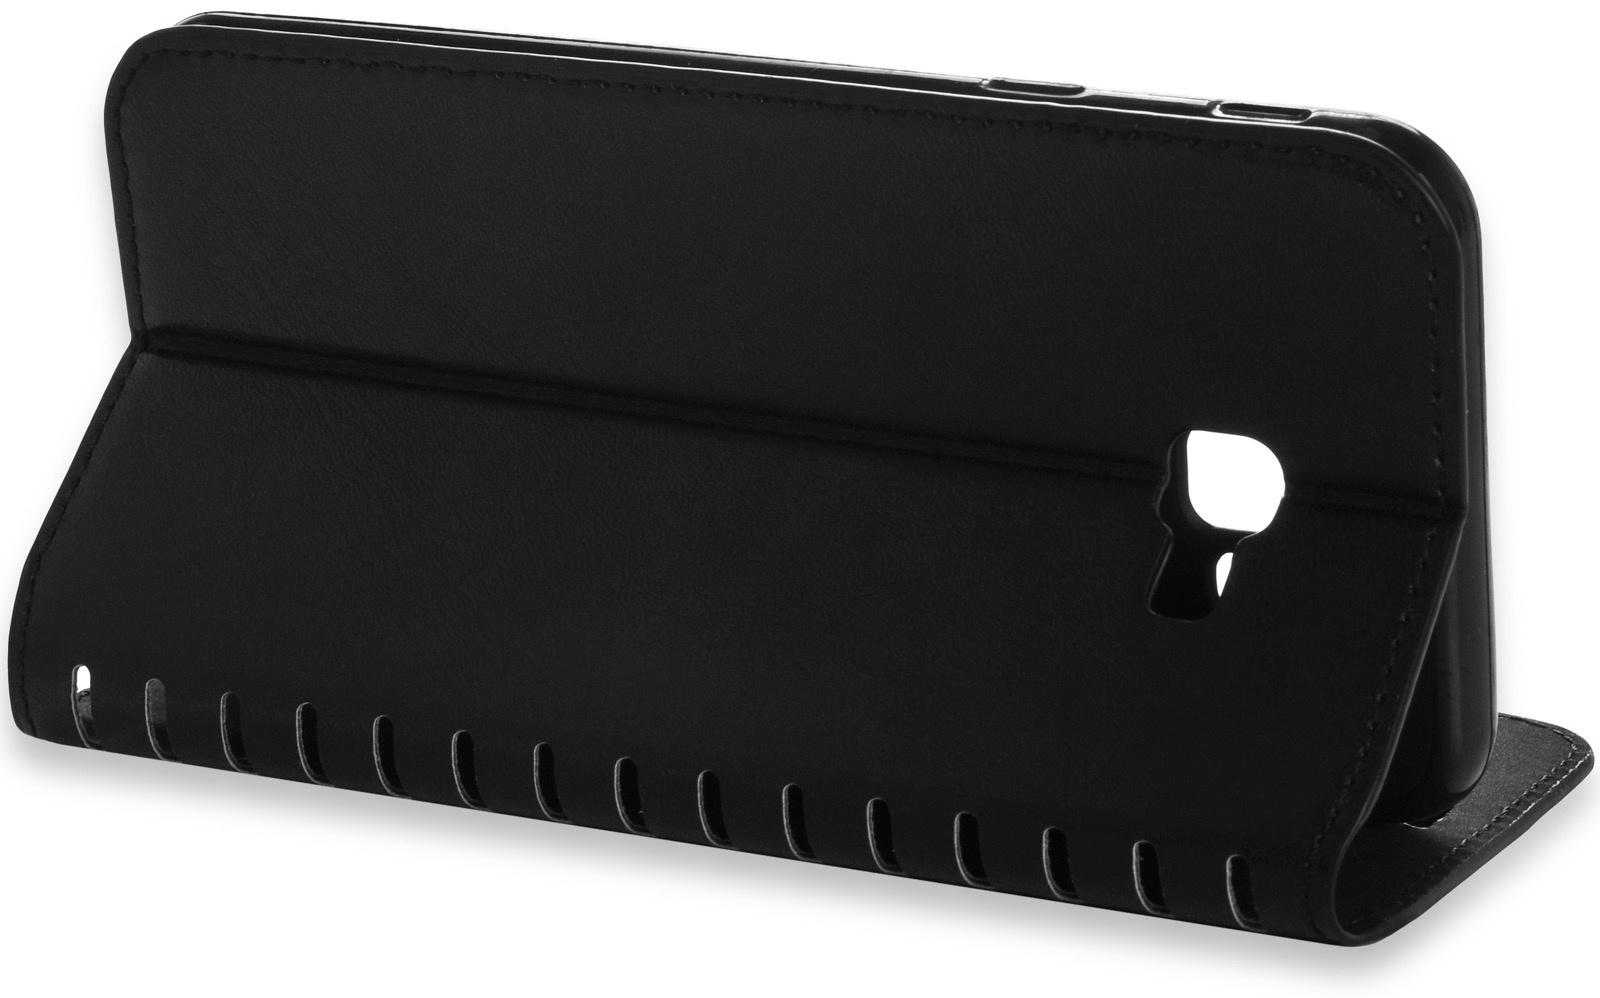 Чехол для сотового телефона Gurdini Premium case книжка с силиконом на магните black для Samsung Galaxy J4 Plus 2018(J415), черный